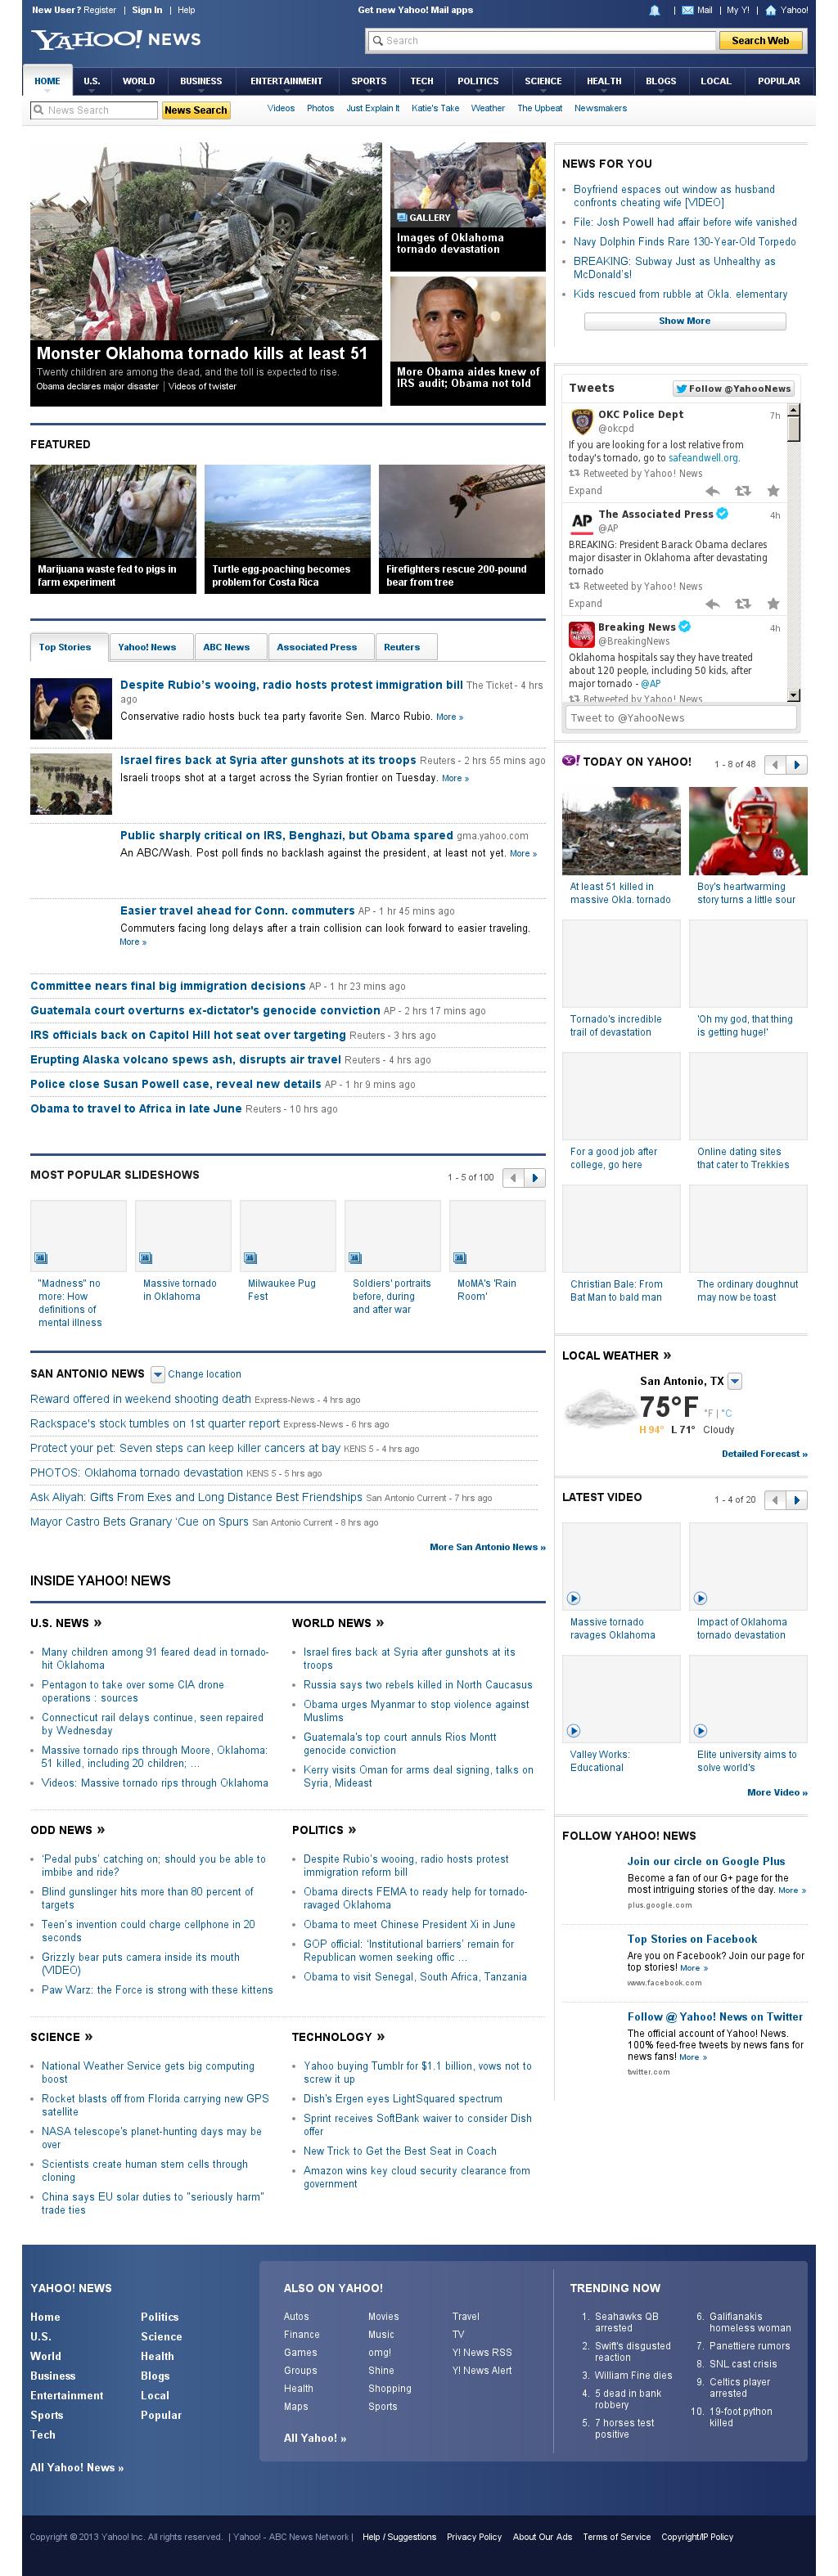 Yahoo! News at Tuesday May 21, 2013, 8:25 a.m. UTC